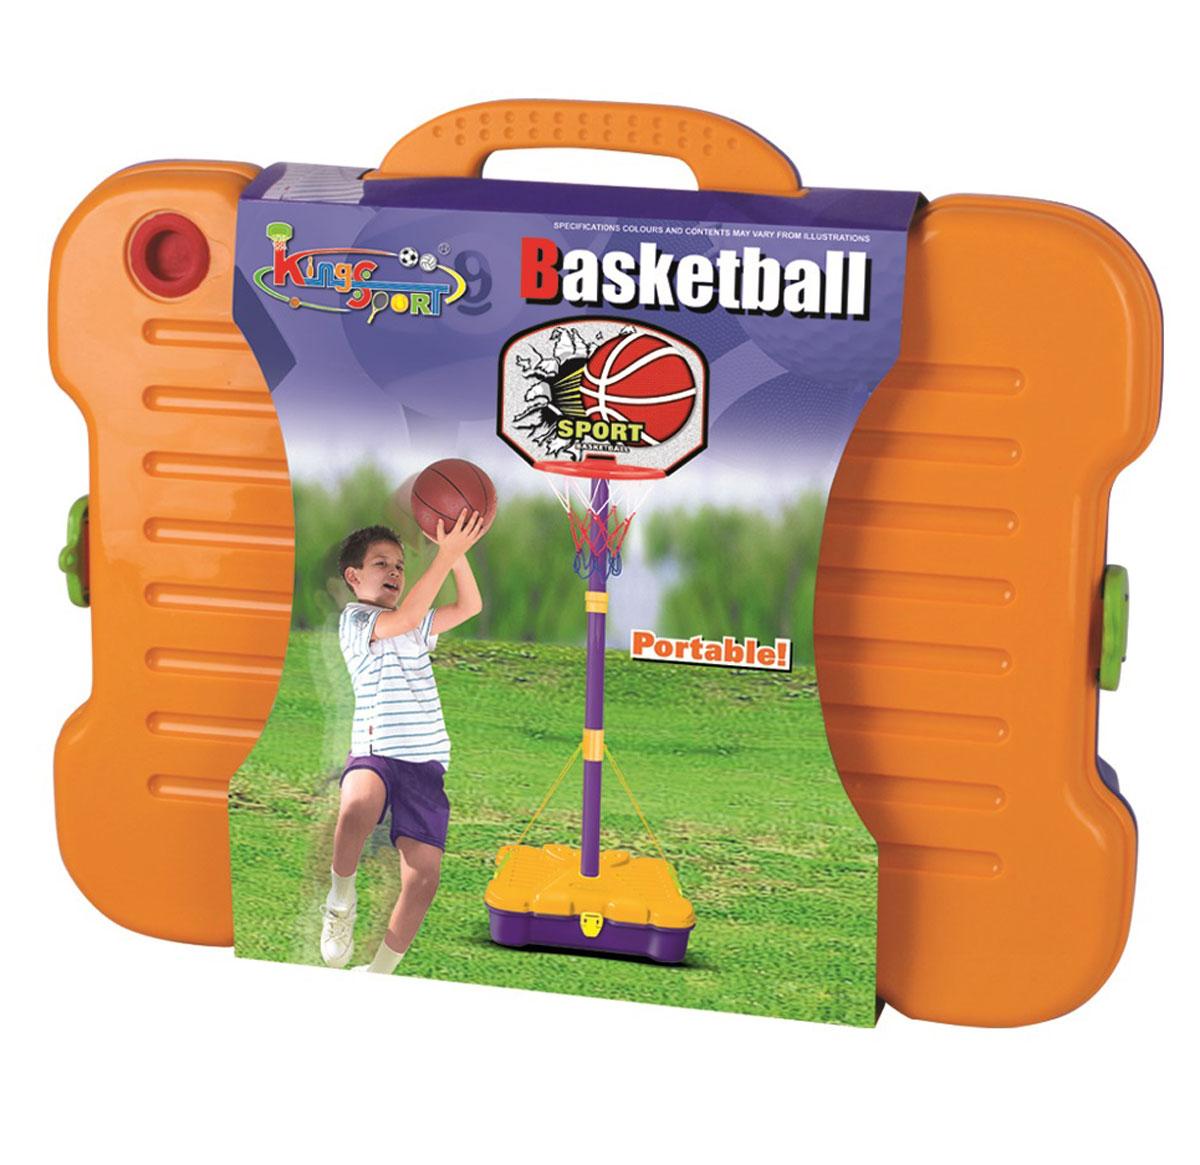 Стойка баскетбольная Torres TX3129728261015Основные характеристики Сборно-разборная конструкция Регулируемая высота: 90 - 162см Размер щита: 42,5х31см Мяч: (диаметр - 15см) Удобный кейс для перемещения Материал: полипропилен, сталь Вес: 1,68кг Страна-производитель: Китай Упаковка: пластиковый кейс Габариты изделия в упаковке: 47х13х37см Стойка баскетбольная TX31297 - это набор для начинающих маленьких спортсменов. Благодаря стойке ребенок будет развивать координацию движений, ловкость, сноровку.